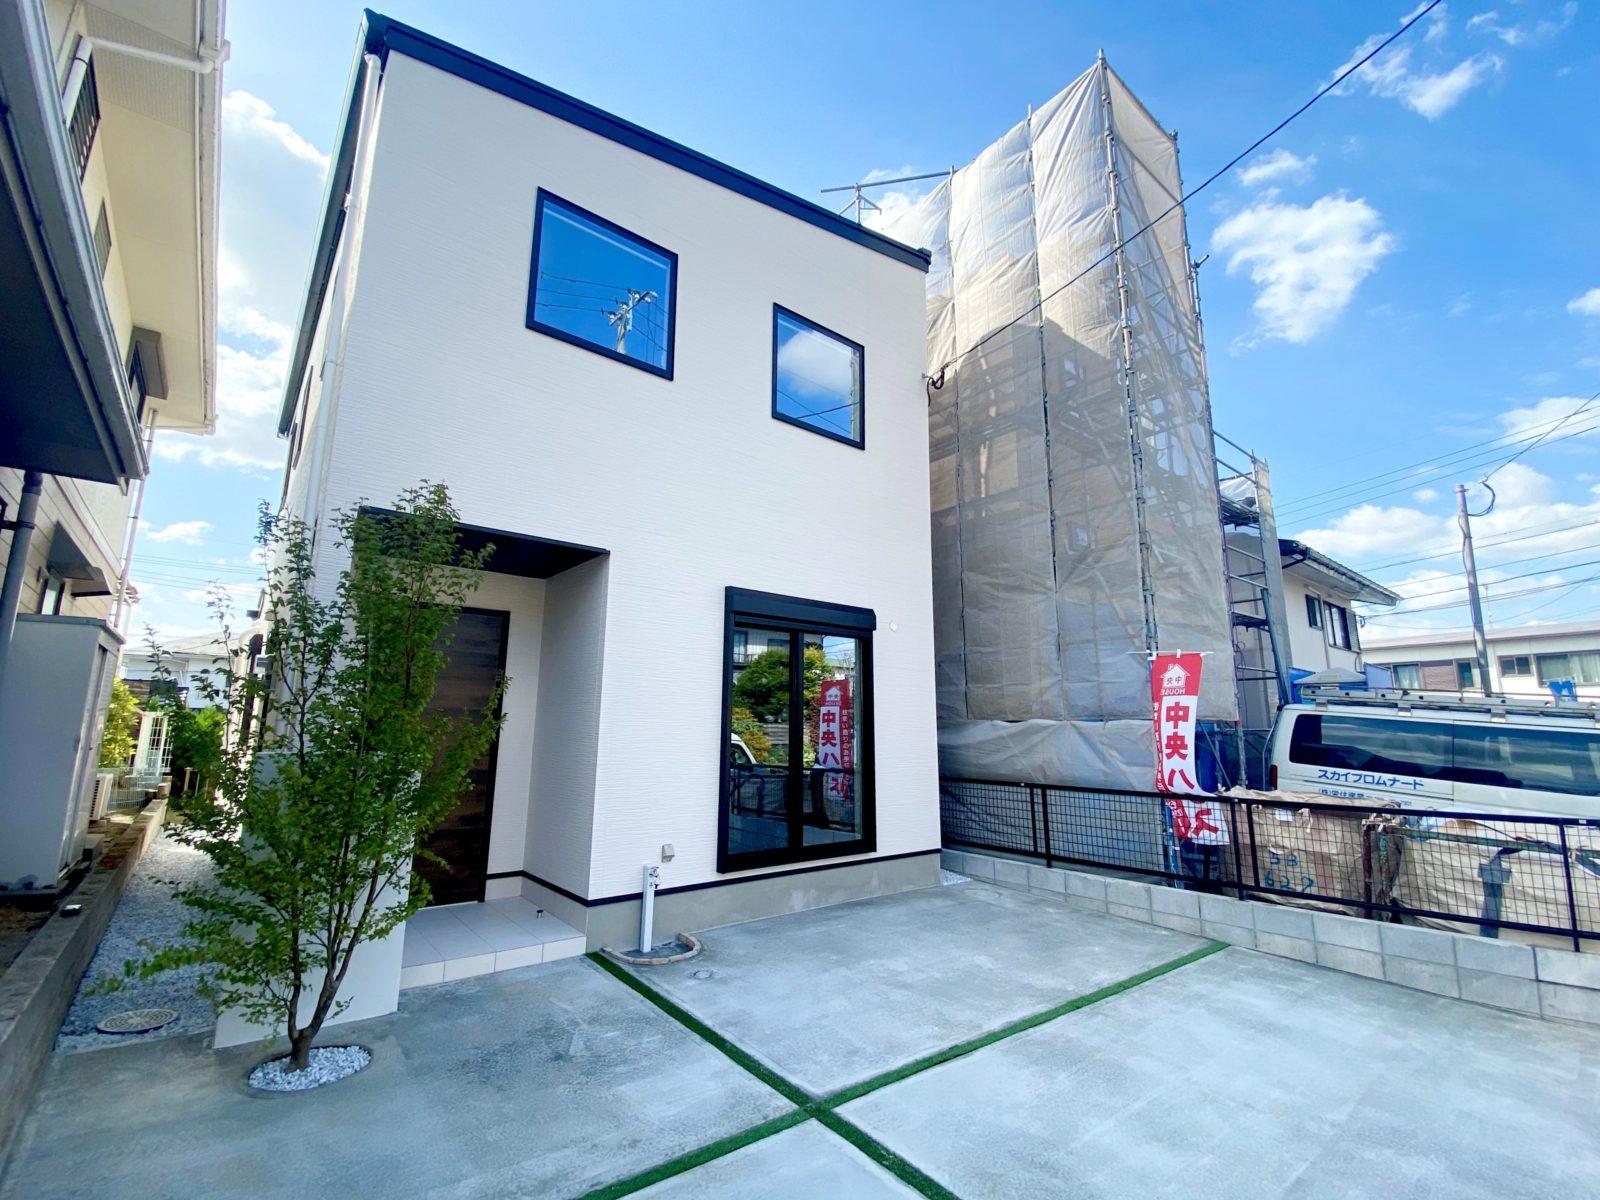 オープンハウスin桜ケ丘6丁目 【鹿児島市】